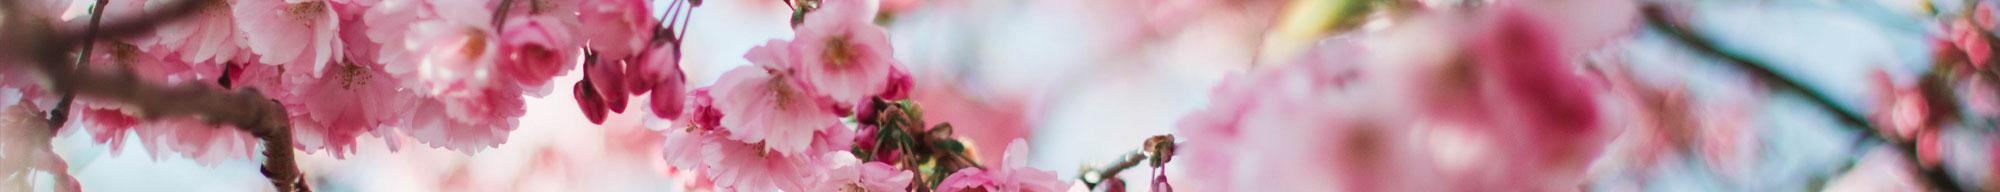 Spring banner image